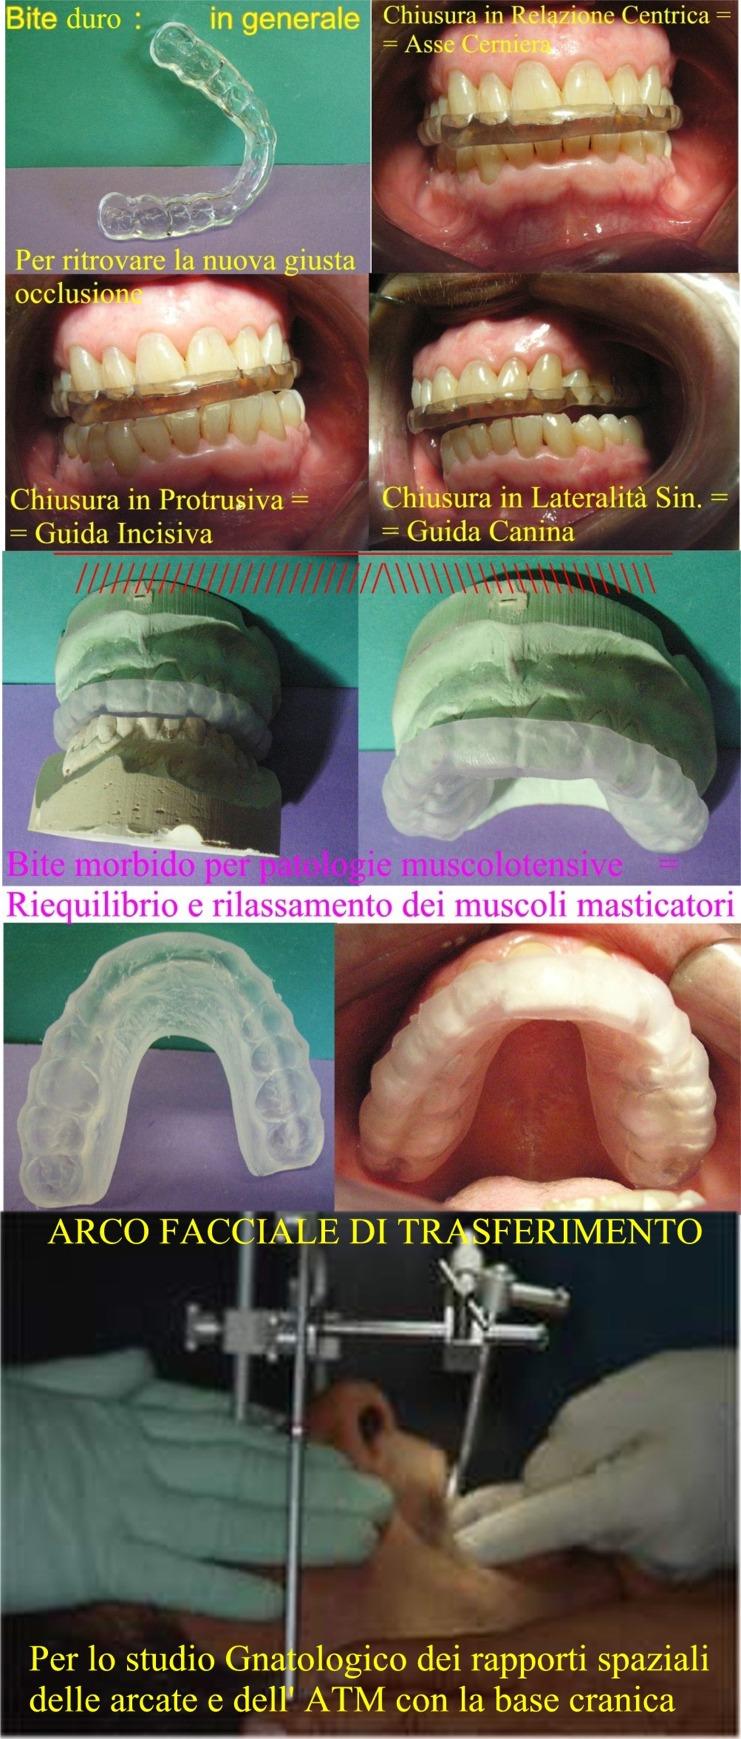 Diversi tipi di bite e arco facciale per la loro progettazione seria. Da casistica Gnatologica del Dr. Gustavo Petti di Cagliari